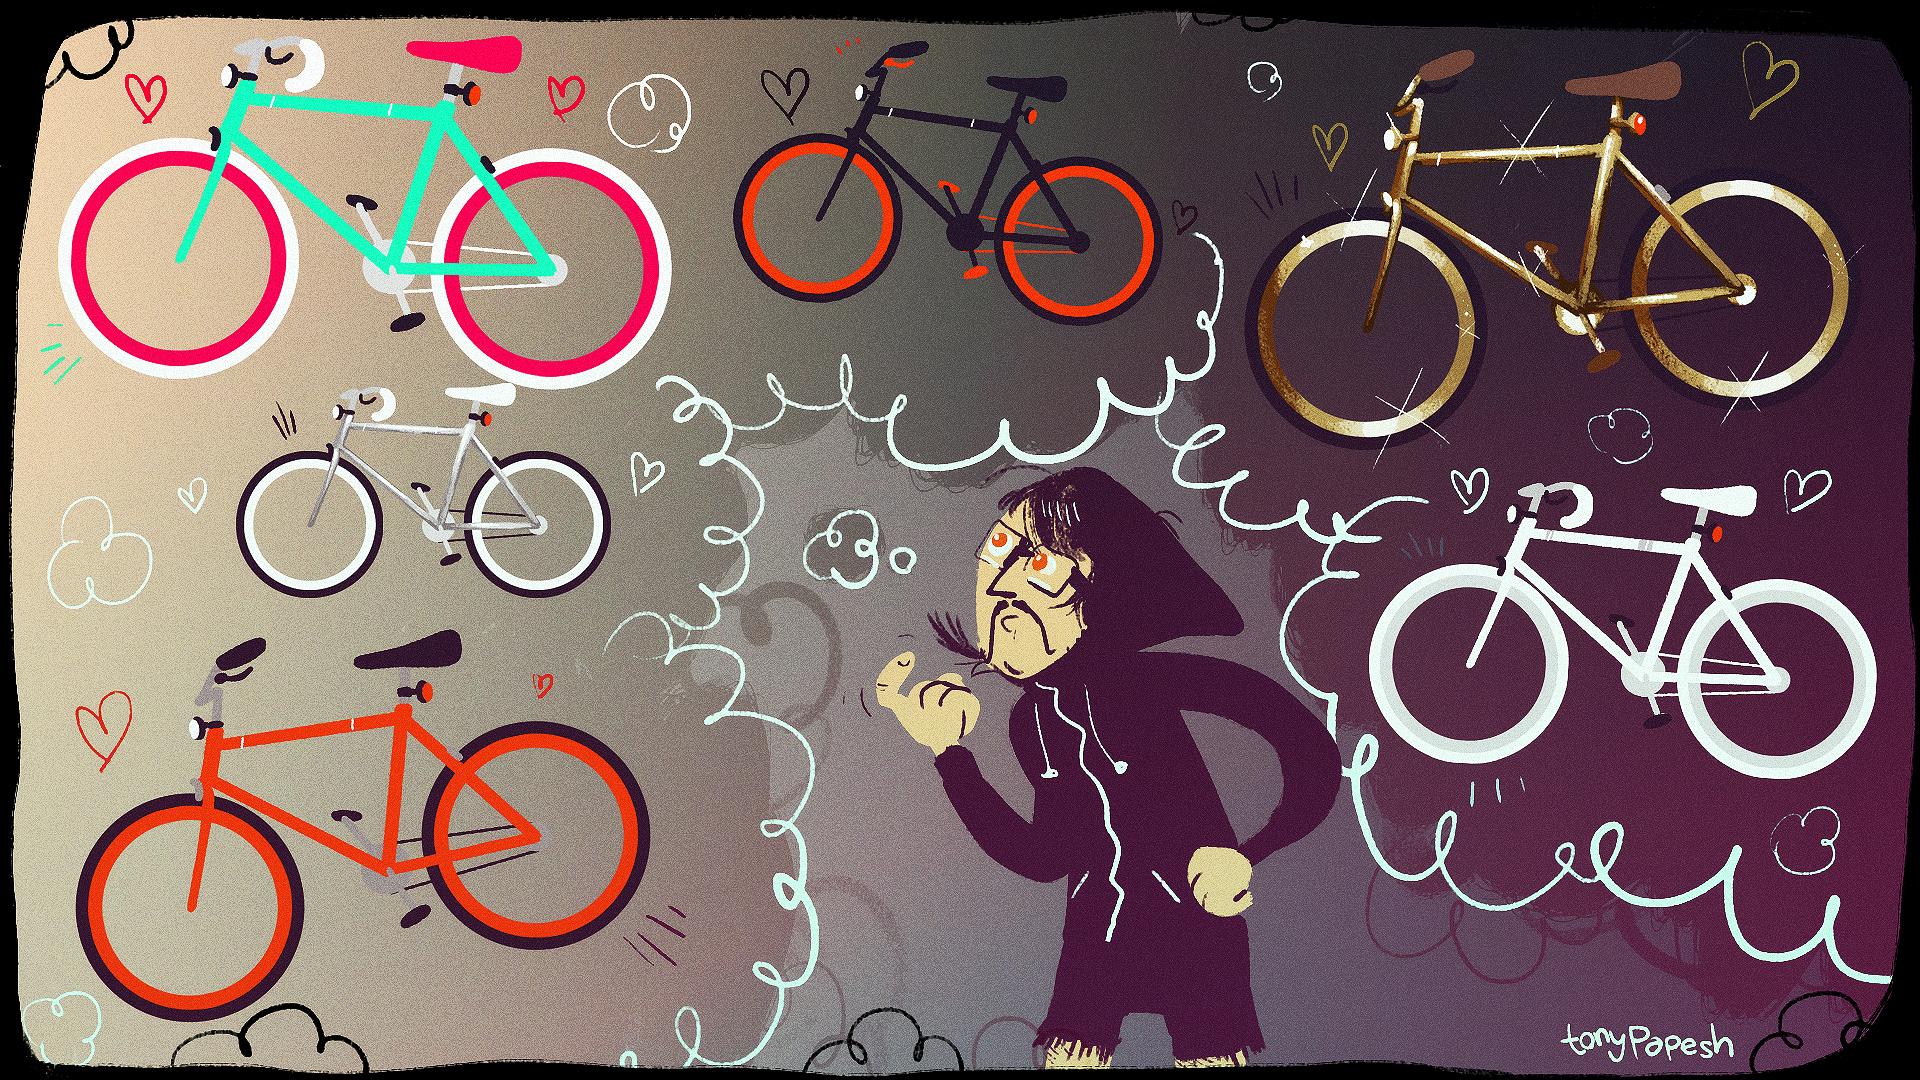 Thinking of bikes